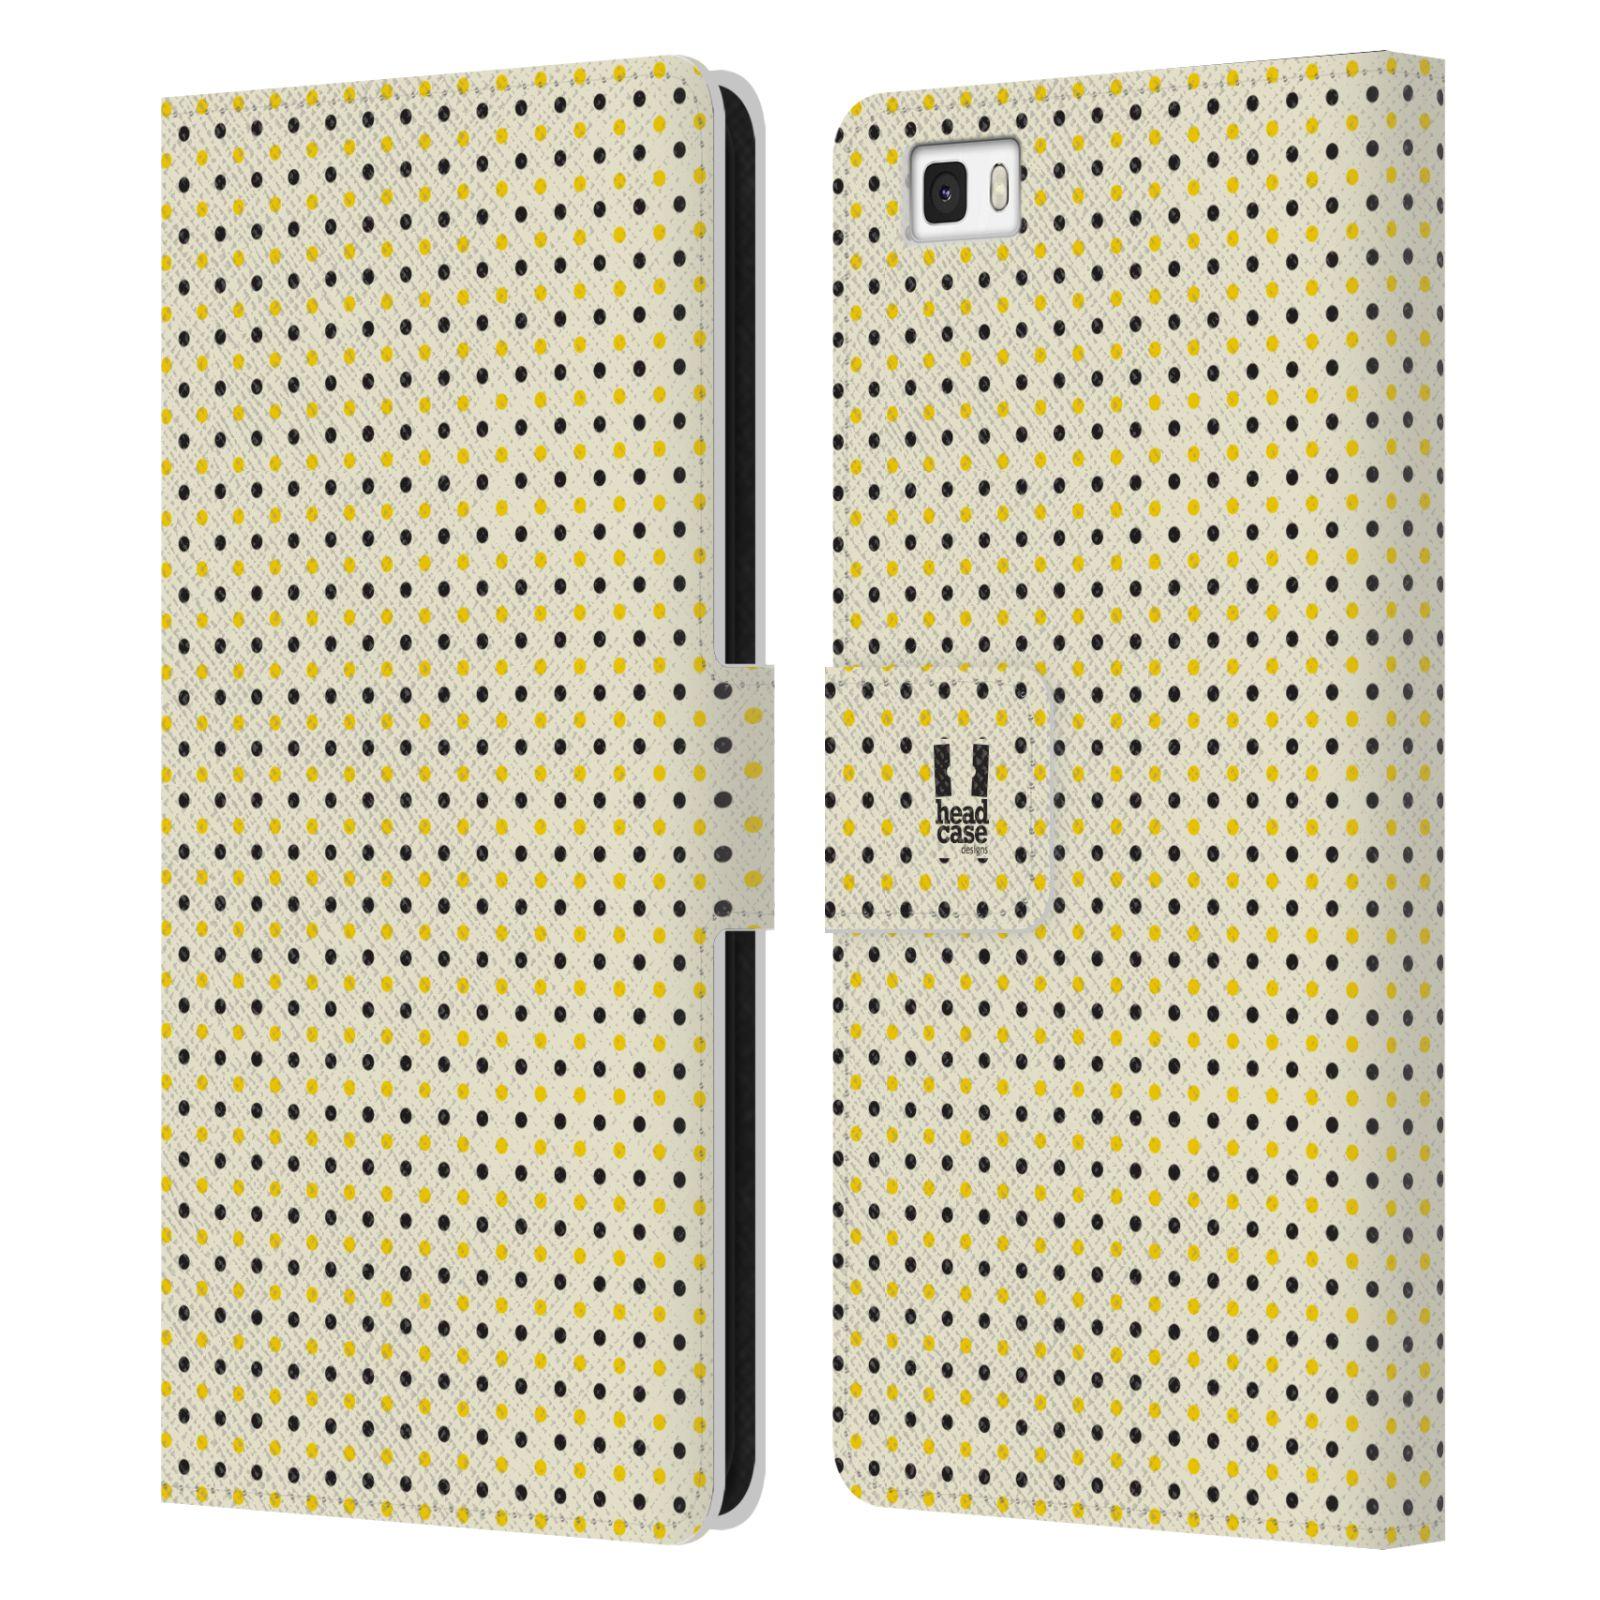 HEAD CASE Flipové pouzdro pro mobil Huawei P8 LITE VČELÍ VZOR tečky a puntíky